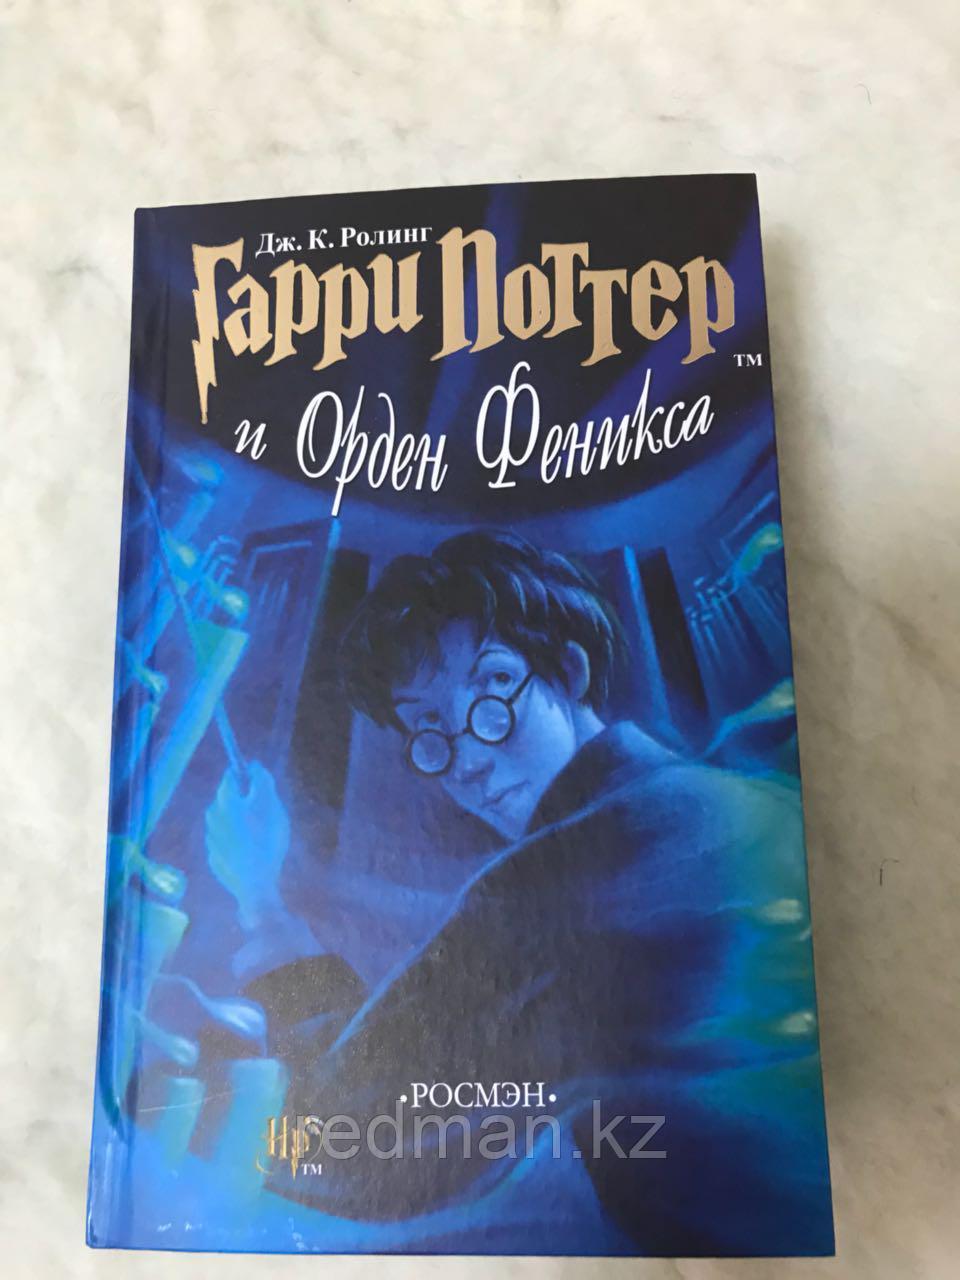 Гарри Поттер и Орден Феникса (перевод от Росмэн, старый перевод)